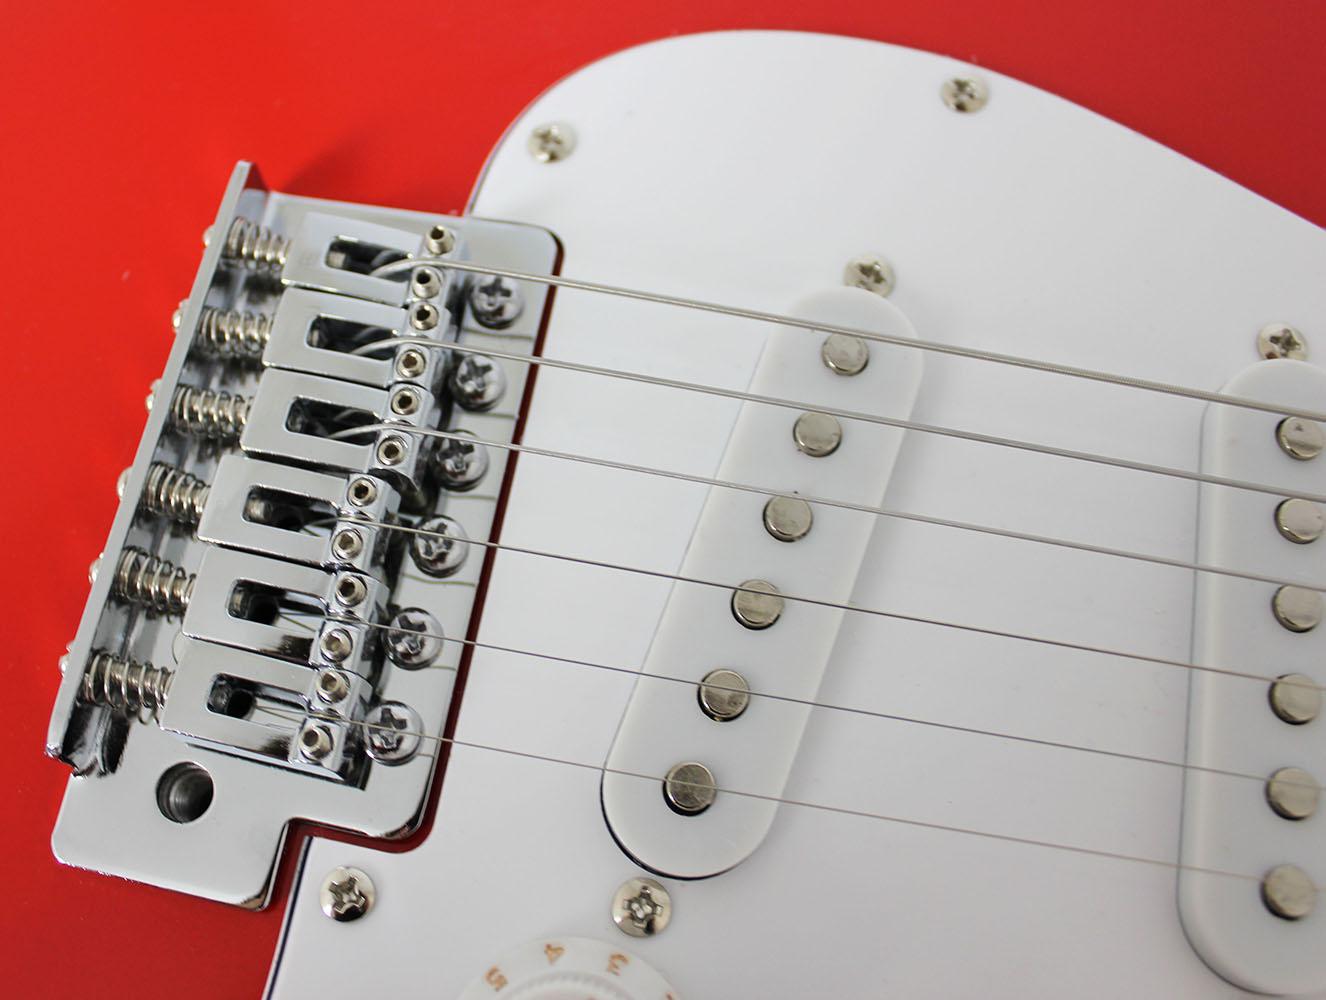 Guitarra Elétrica Vermelha e Branca